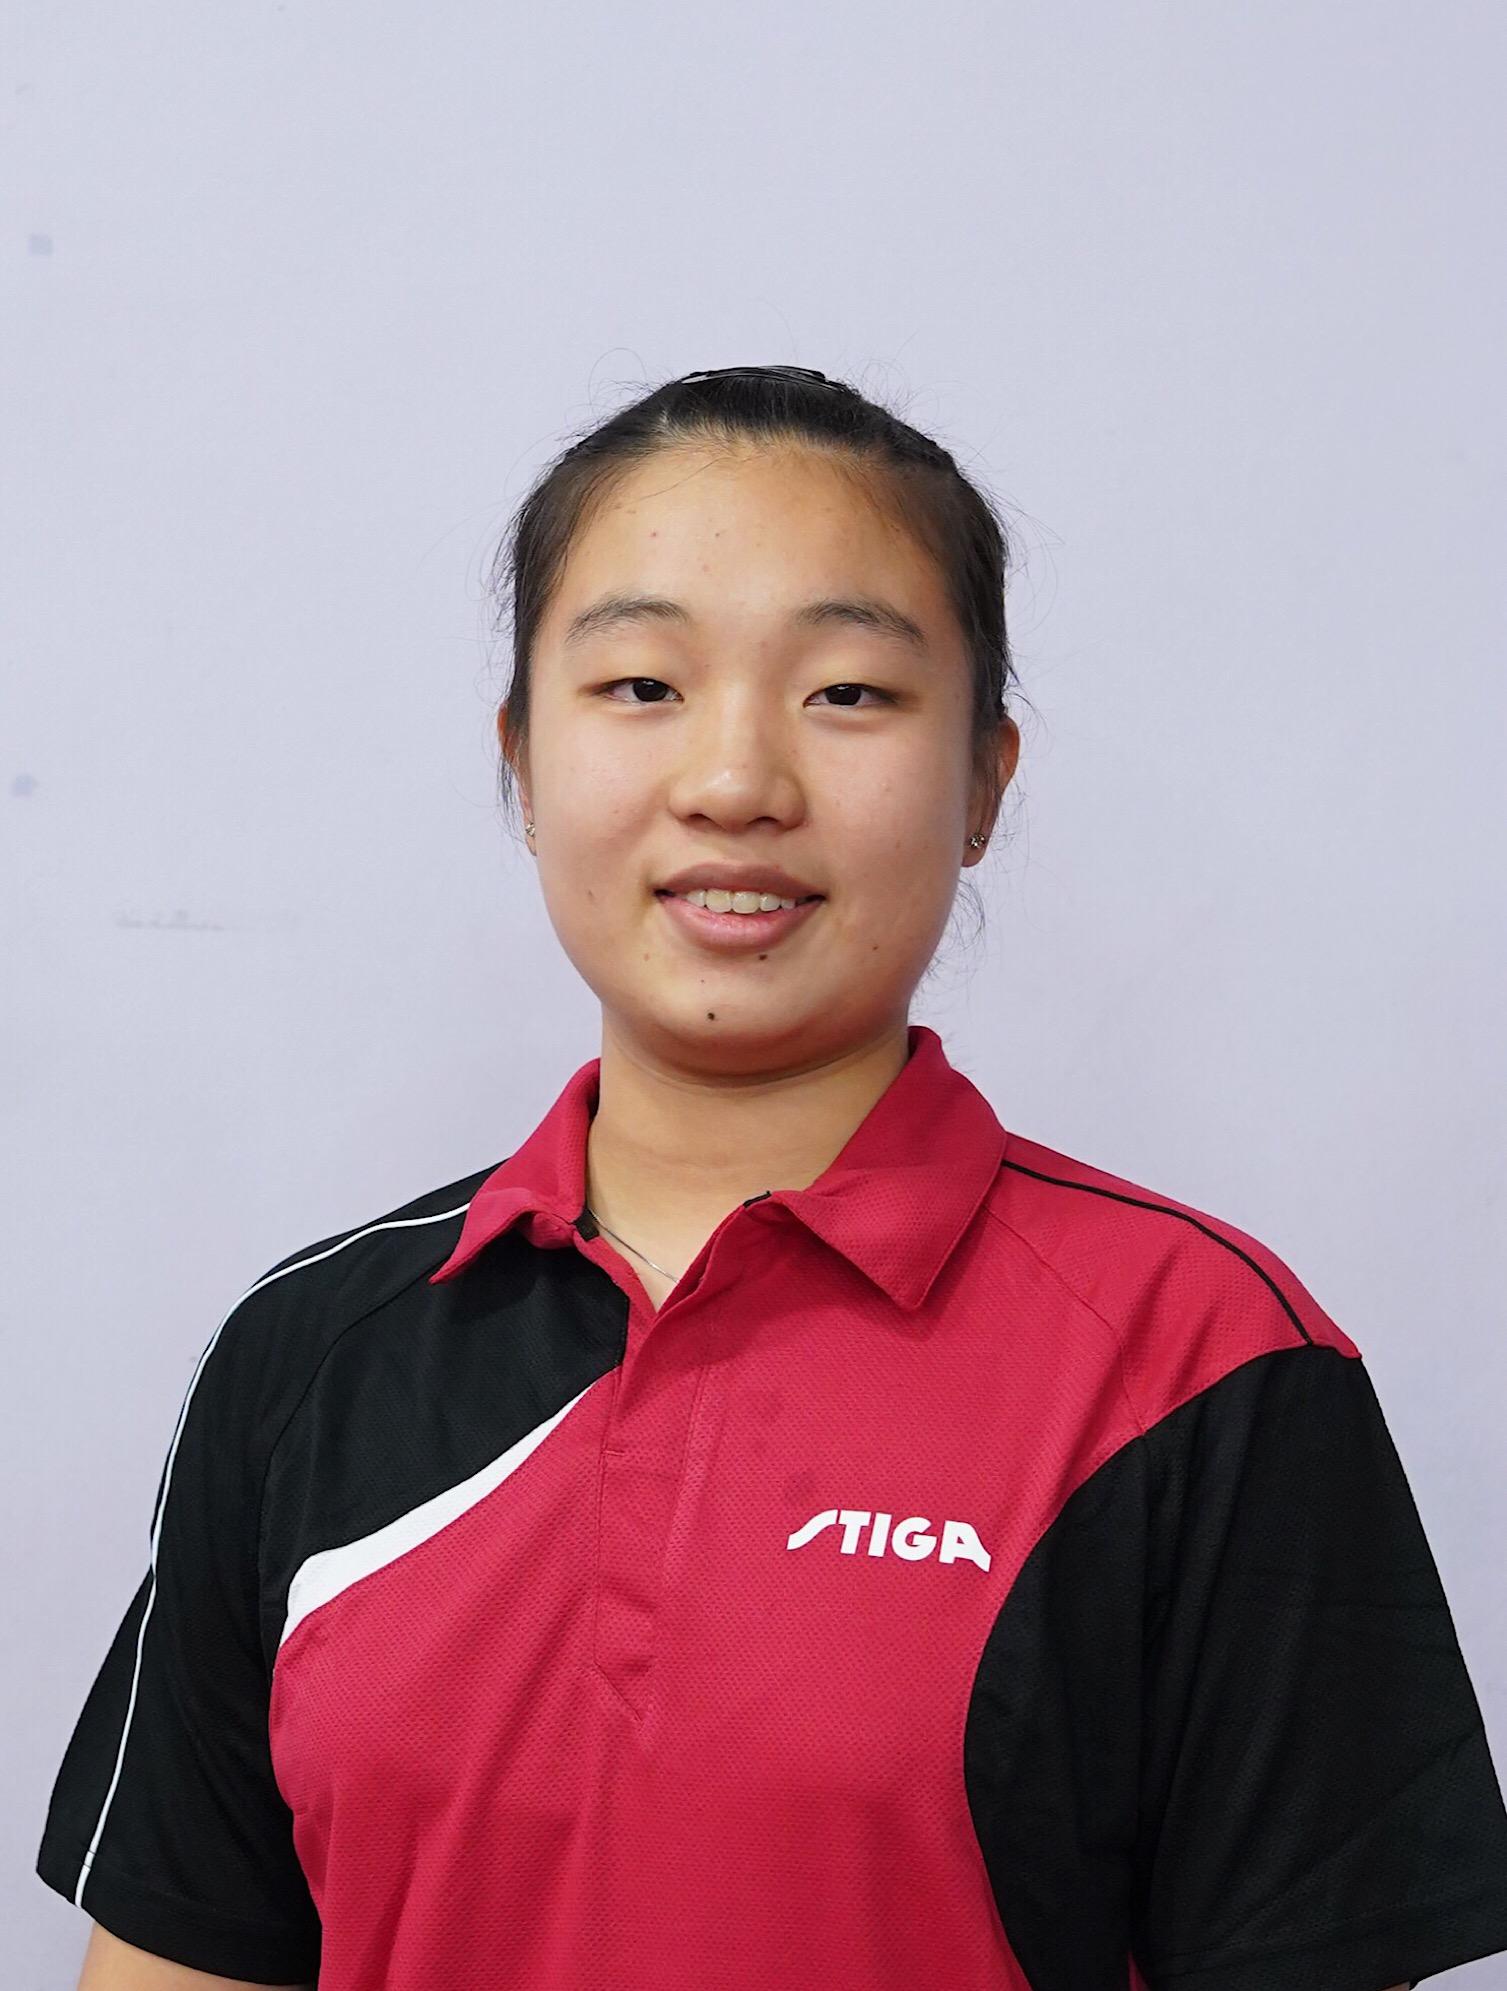 Zhang Wanling